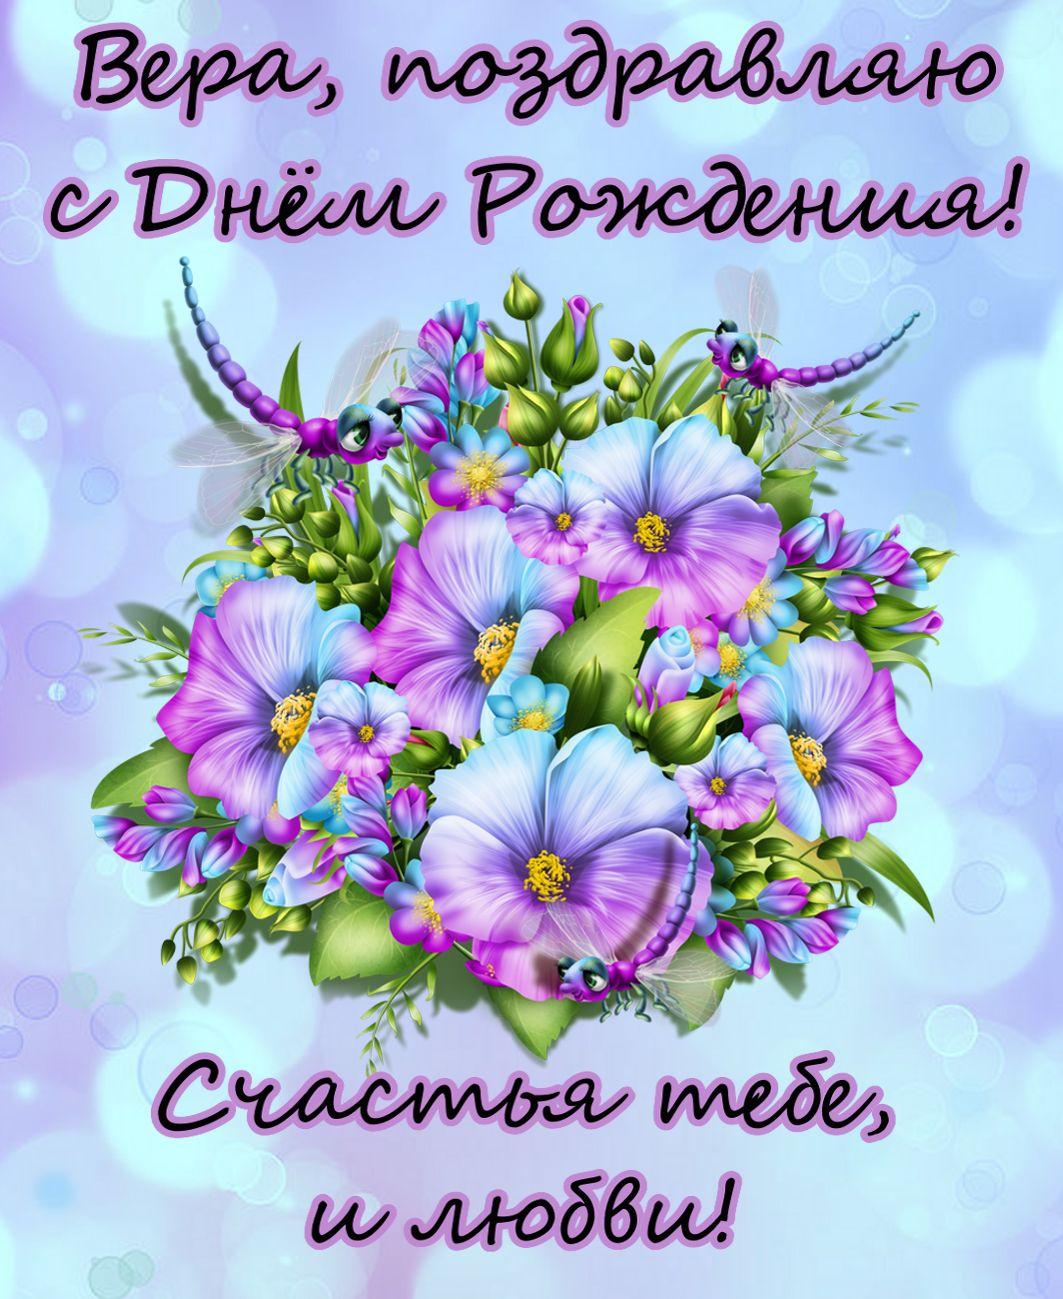 Красивые цветы и поздравление для Веры